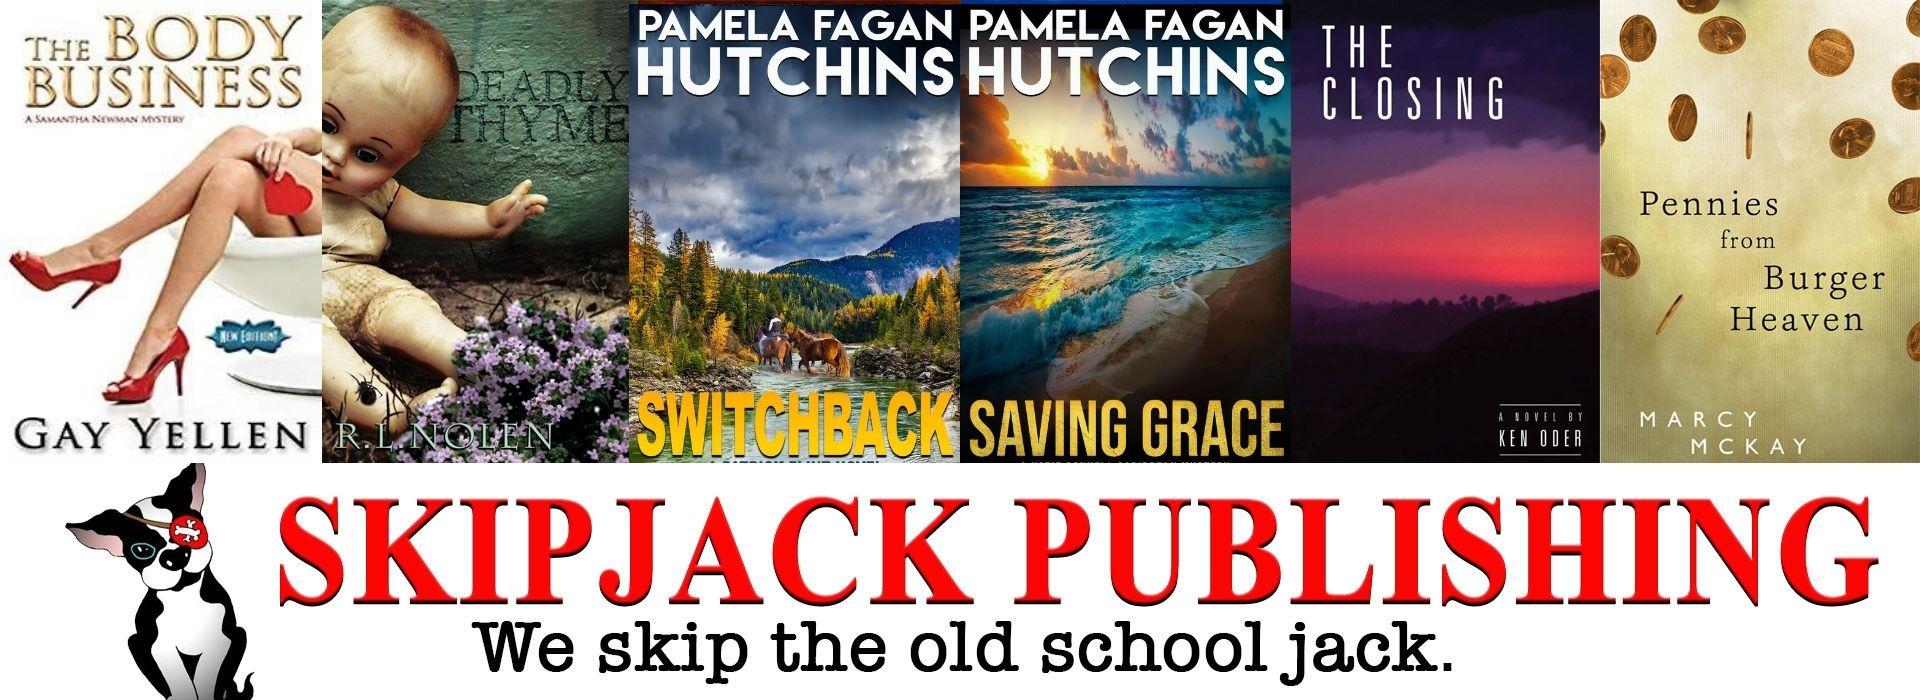 SkipJack Publishing